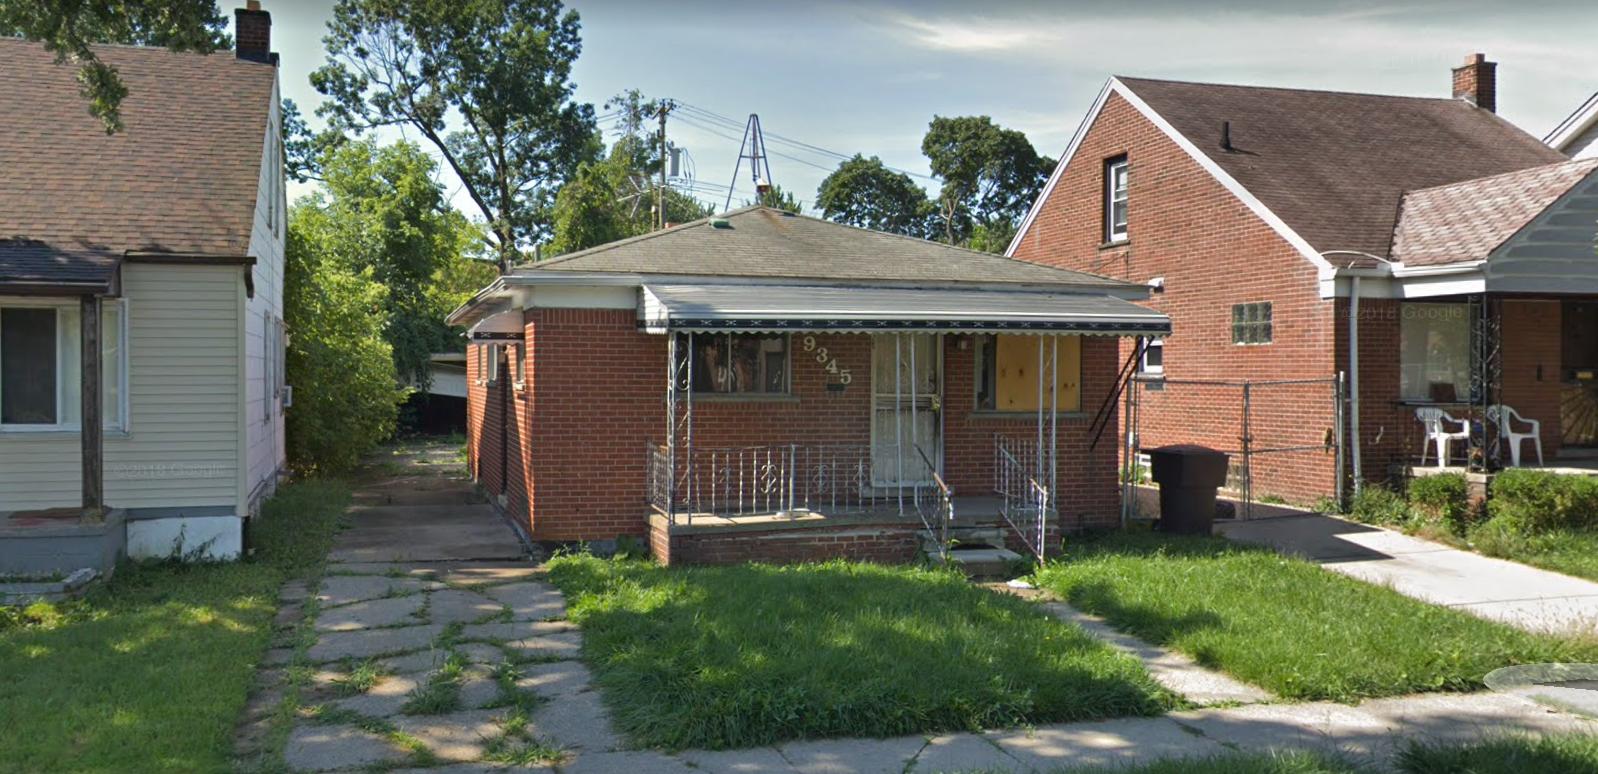 9345 Courville St, Detroit, MI